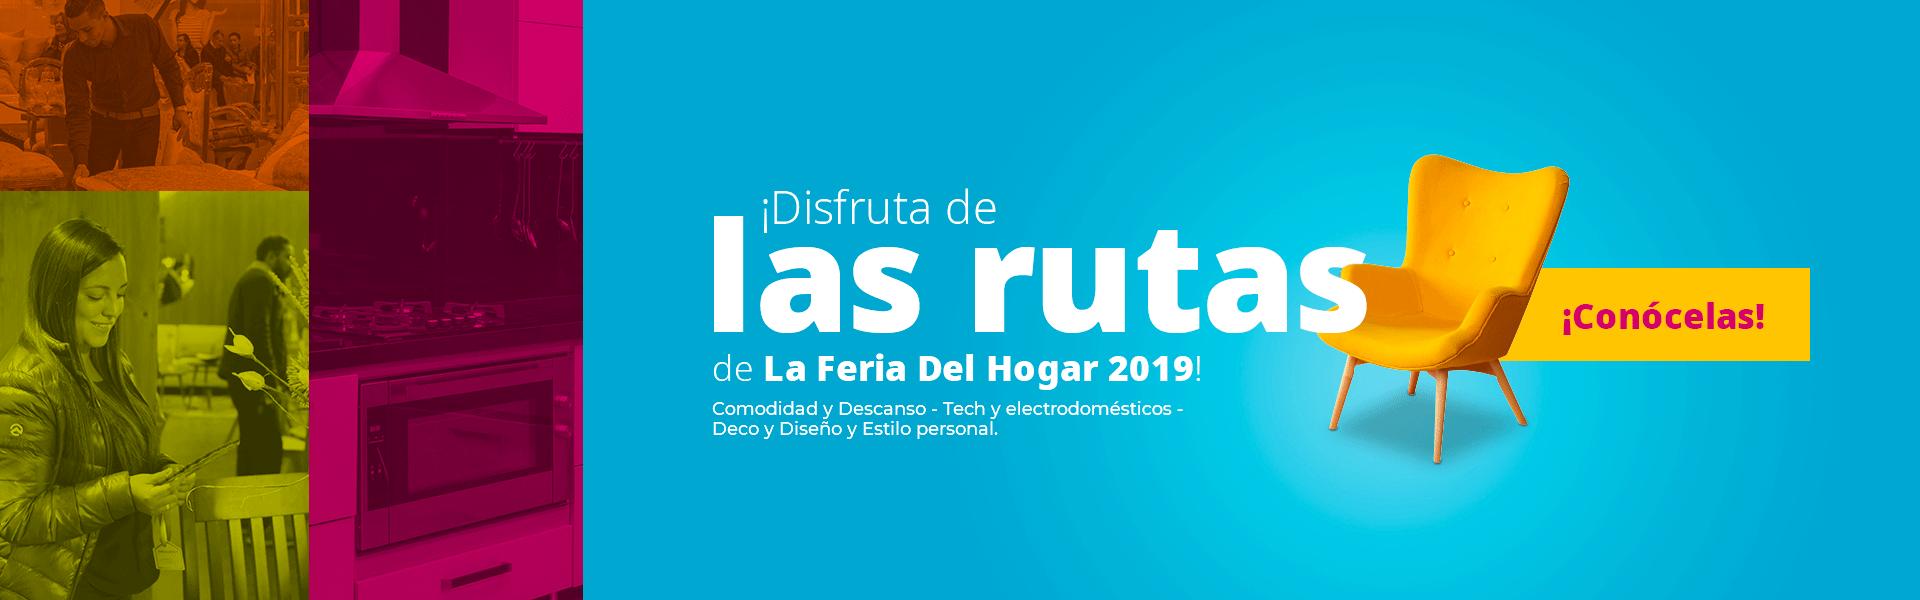 Feria del hogar 2019